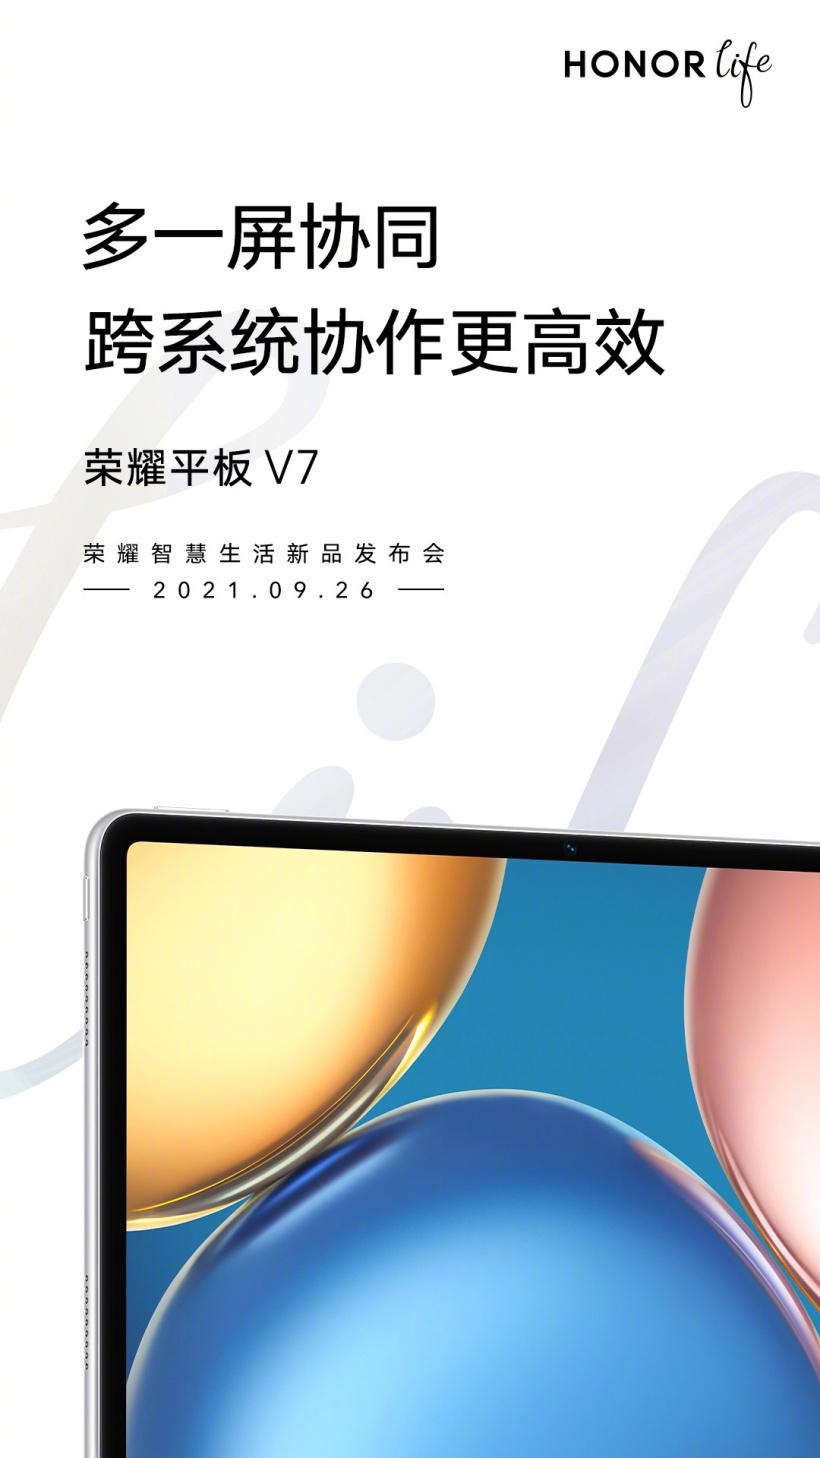 荣耀平板 V7 将于 9 月 26 日发布:支持多屏协作,非直角中框